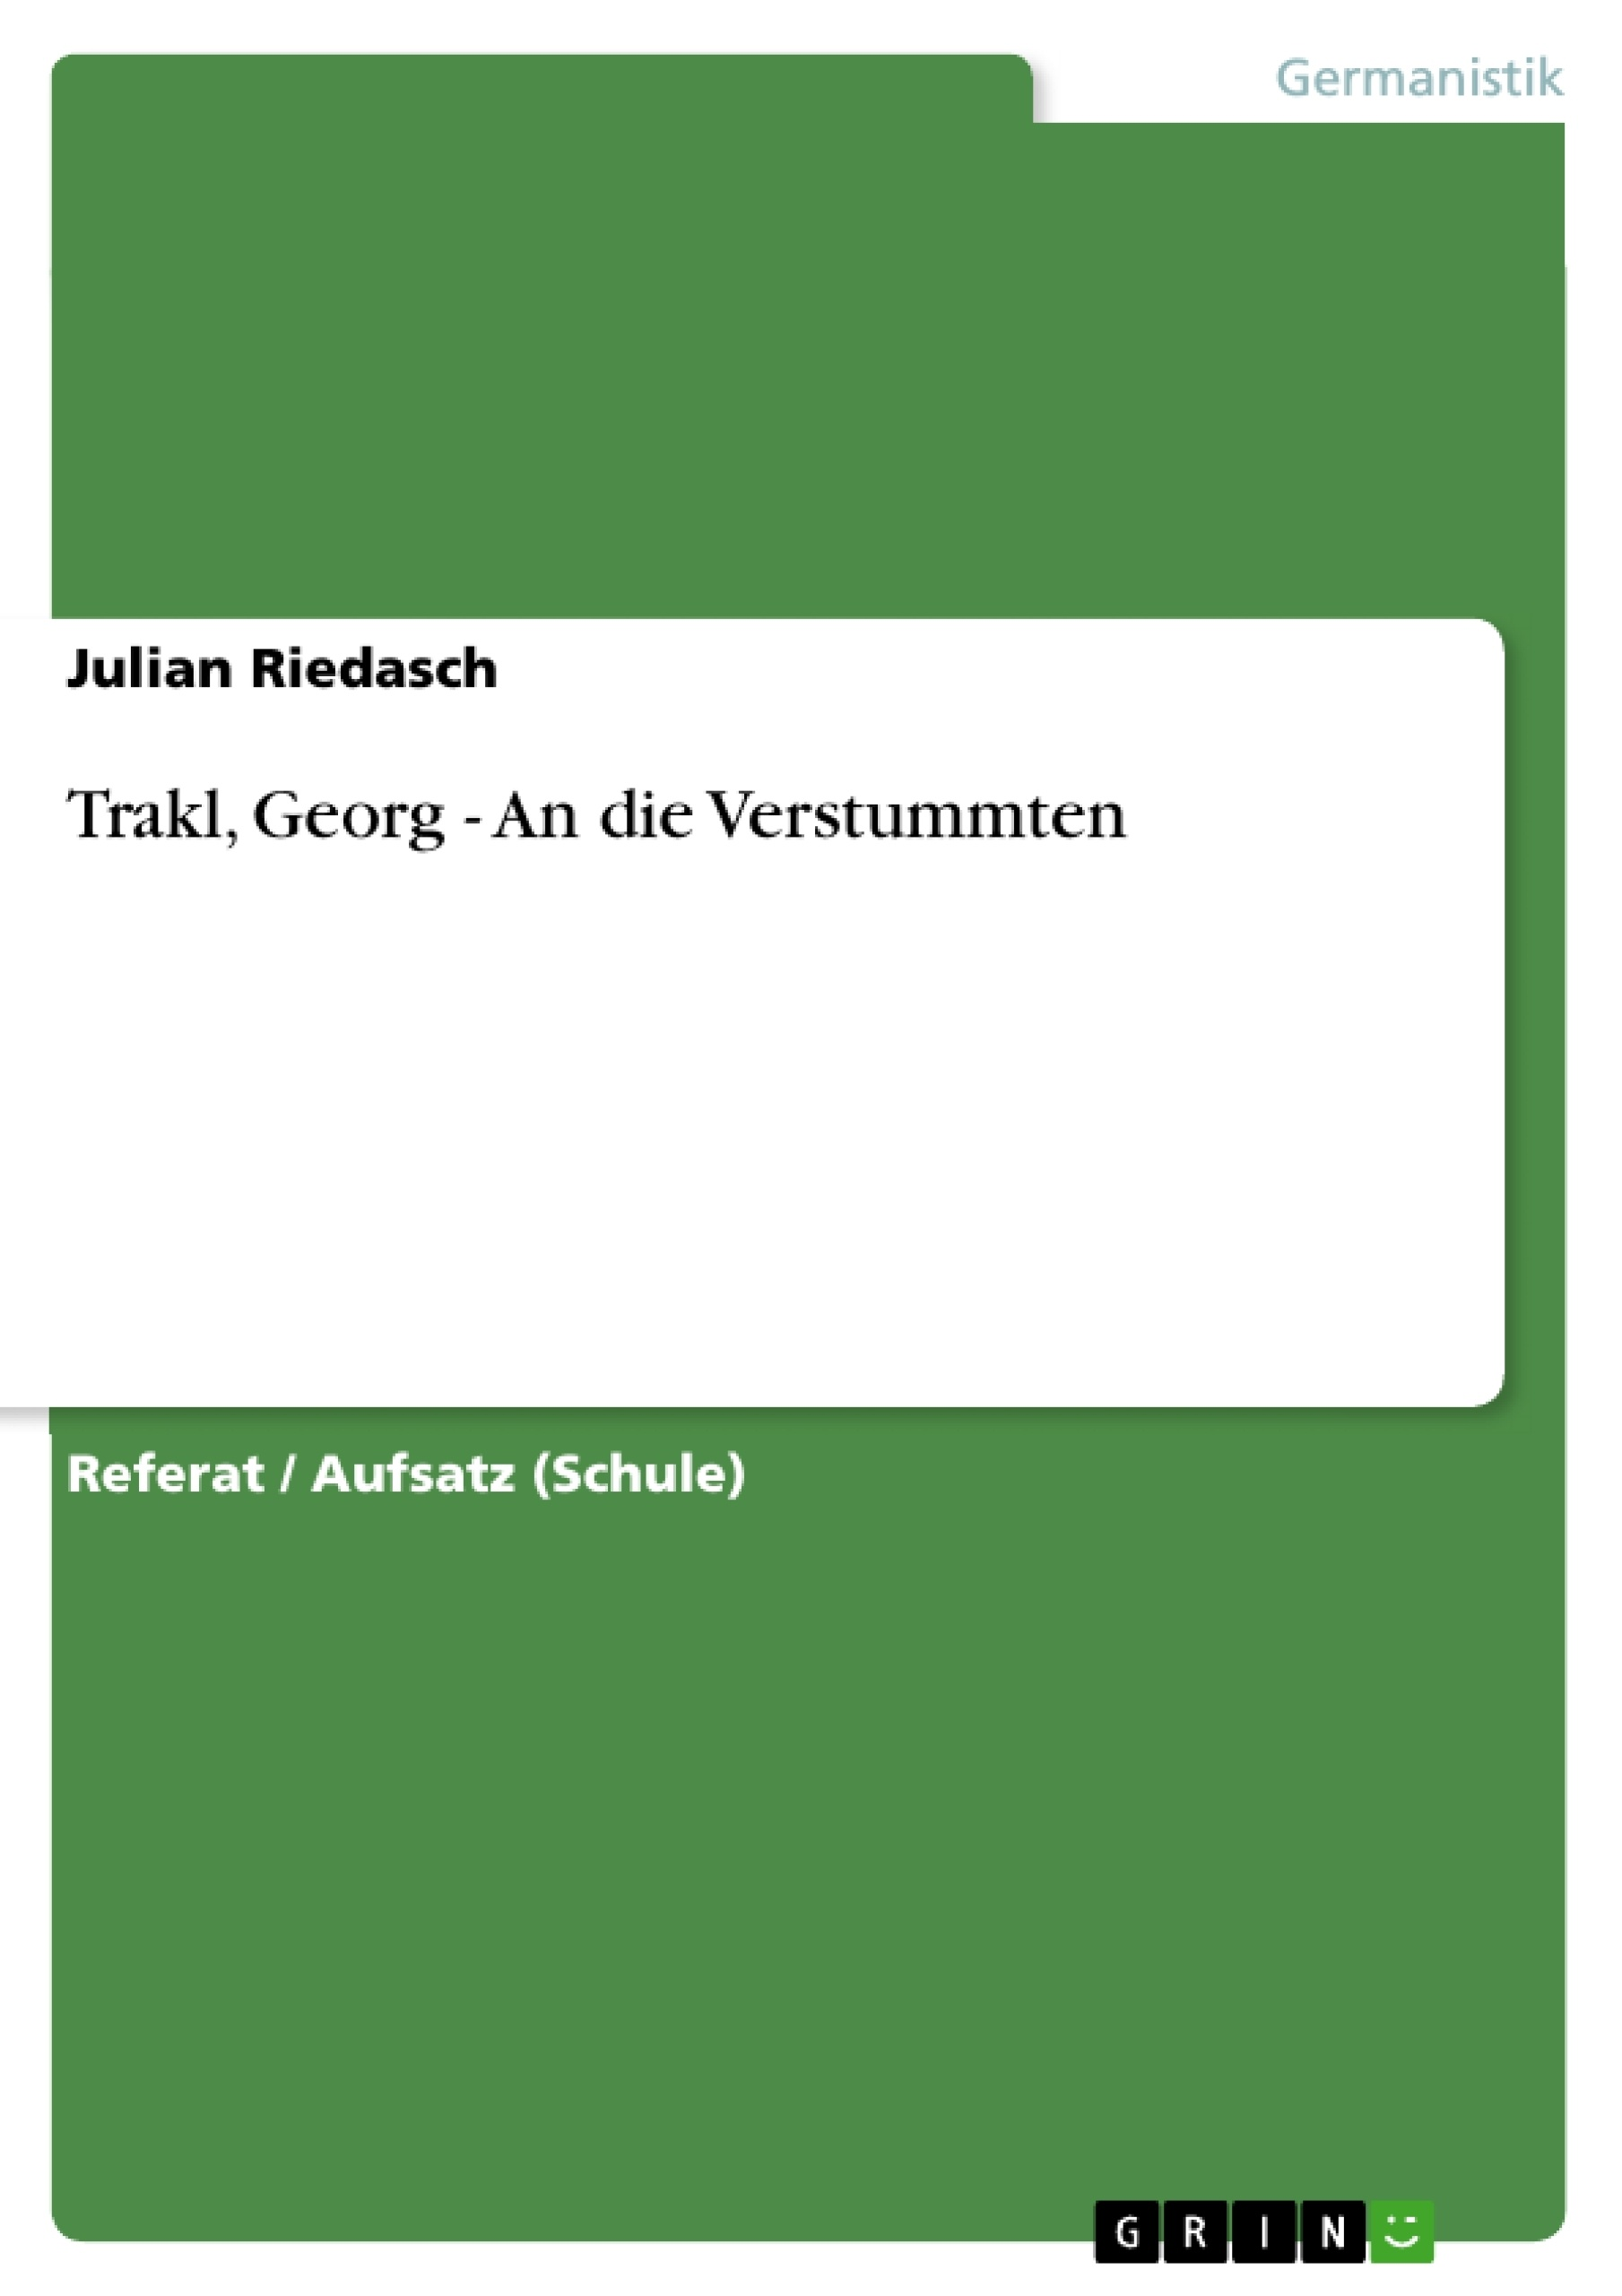 Titel: Trakl, Georg - An die Verstummten